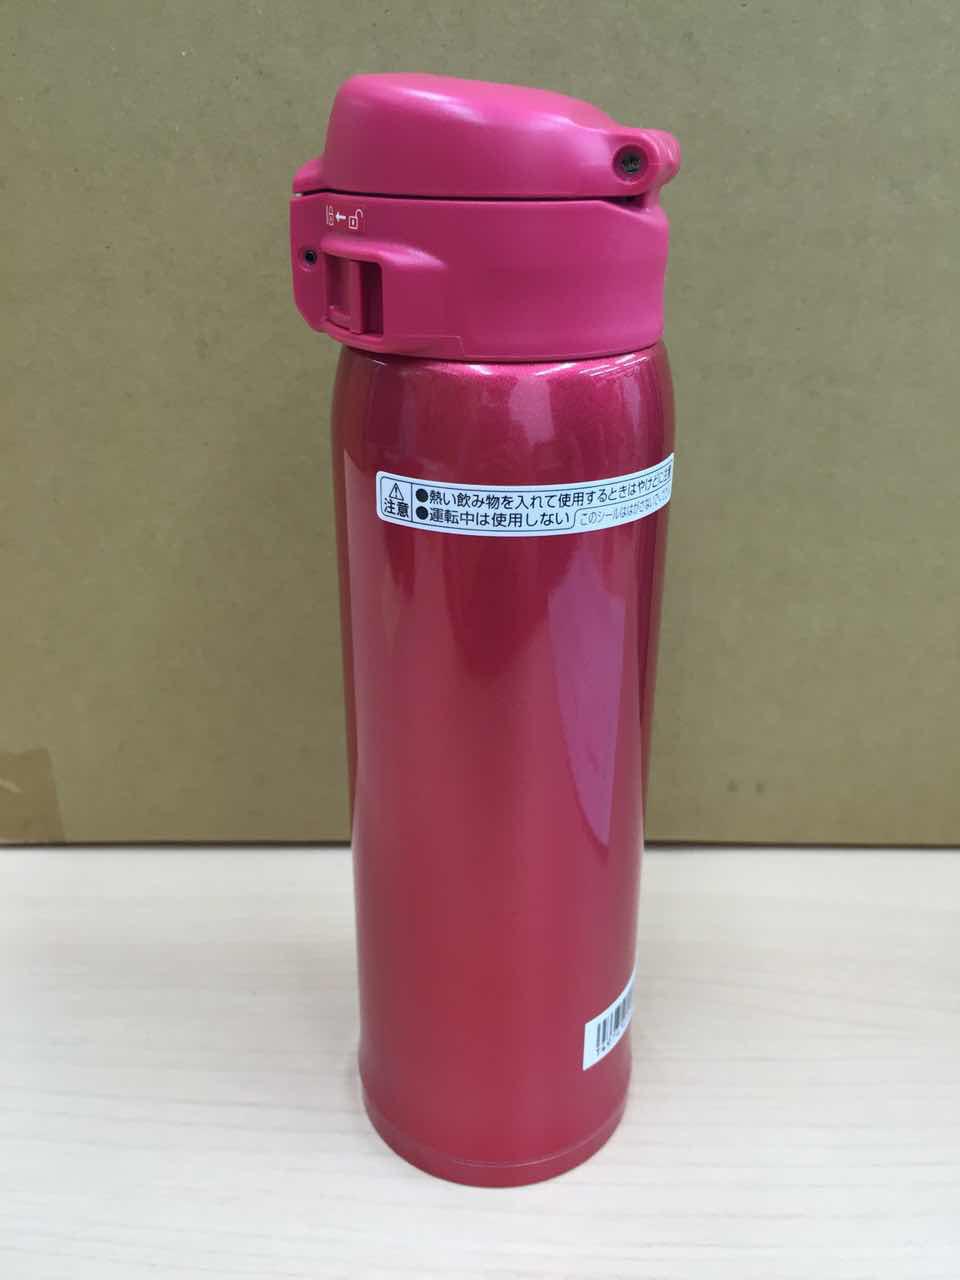 象印真空保温保冷杯SM-SA48-RW 红色-0